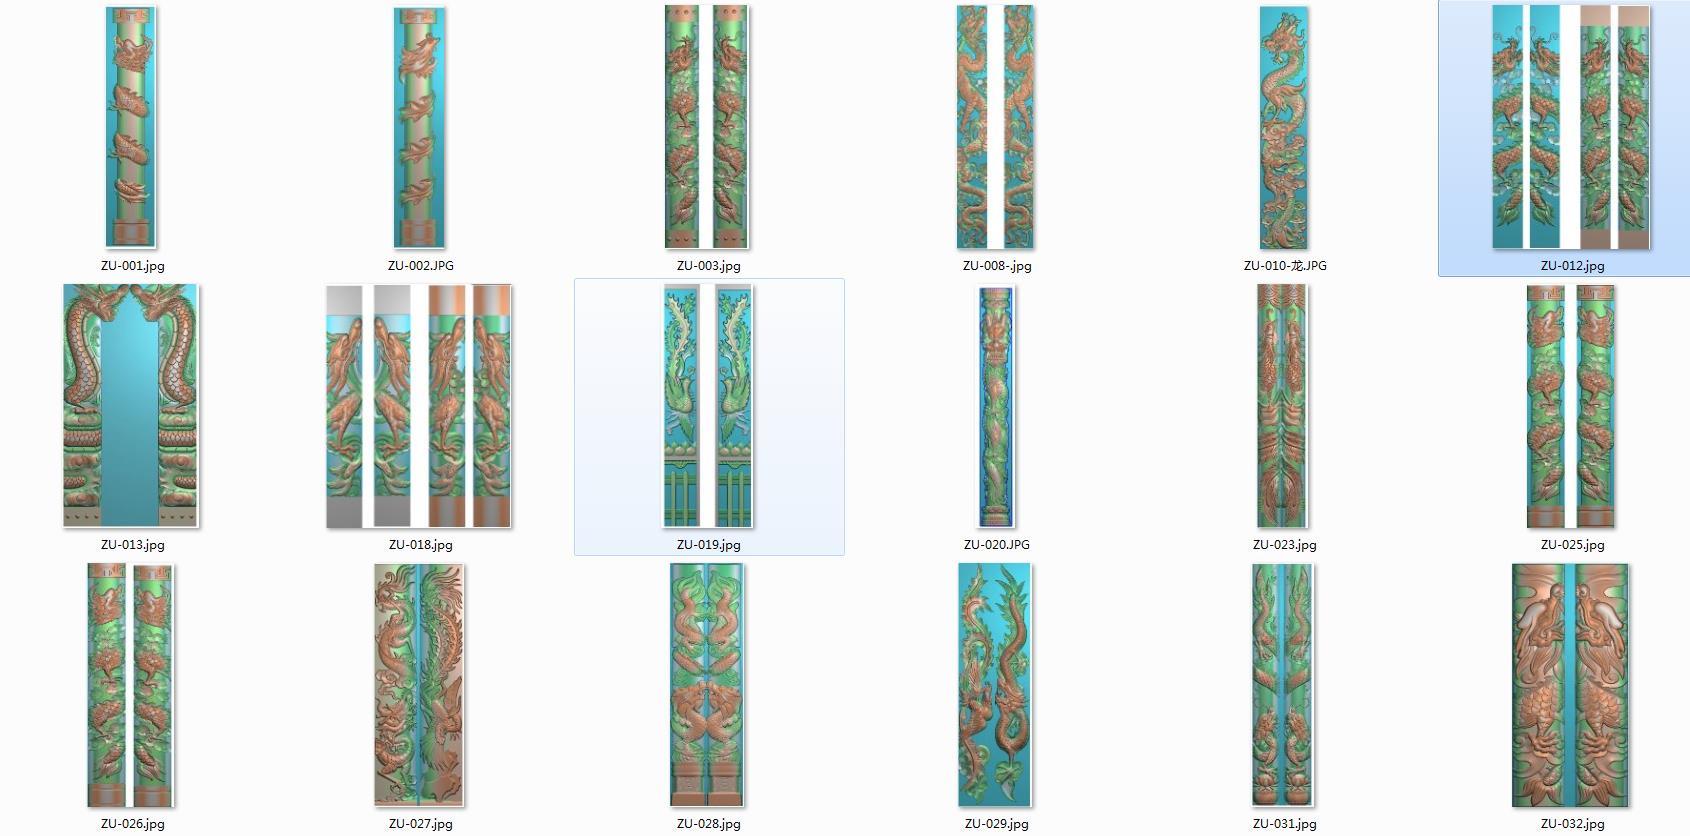 墓碑  半圆龙 龙柱图集 仿古 浮雕石材雕刻 精雕图 灰度图 不带线